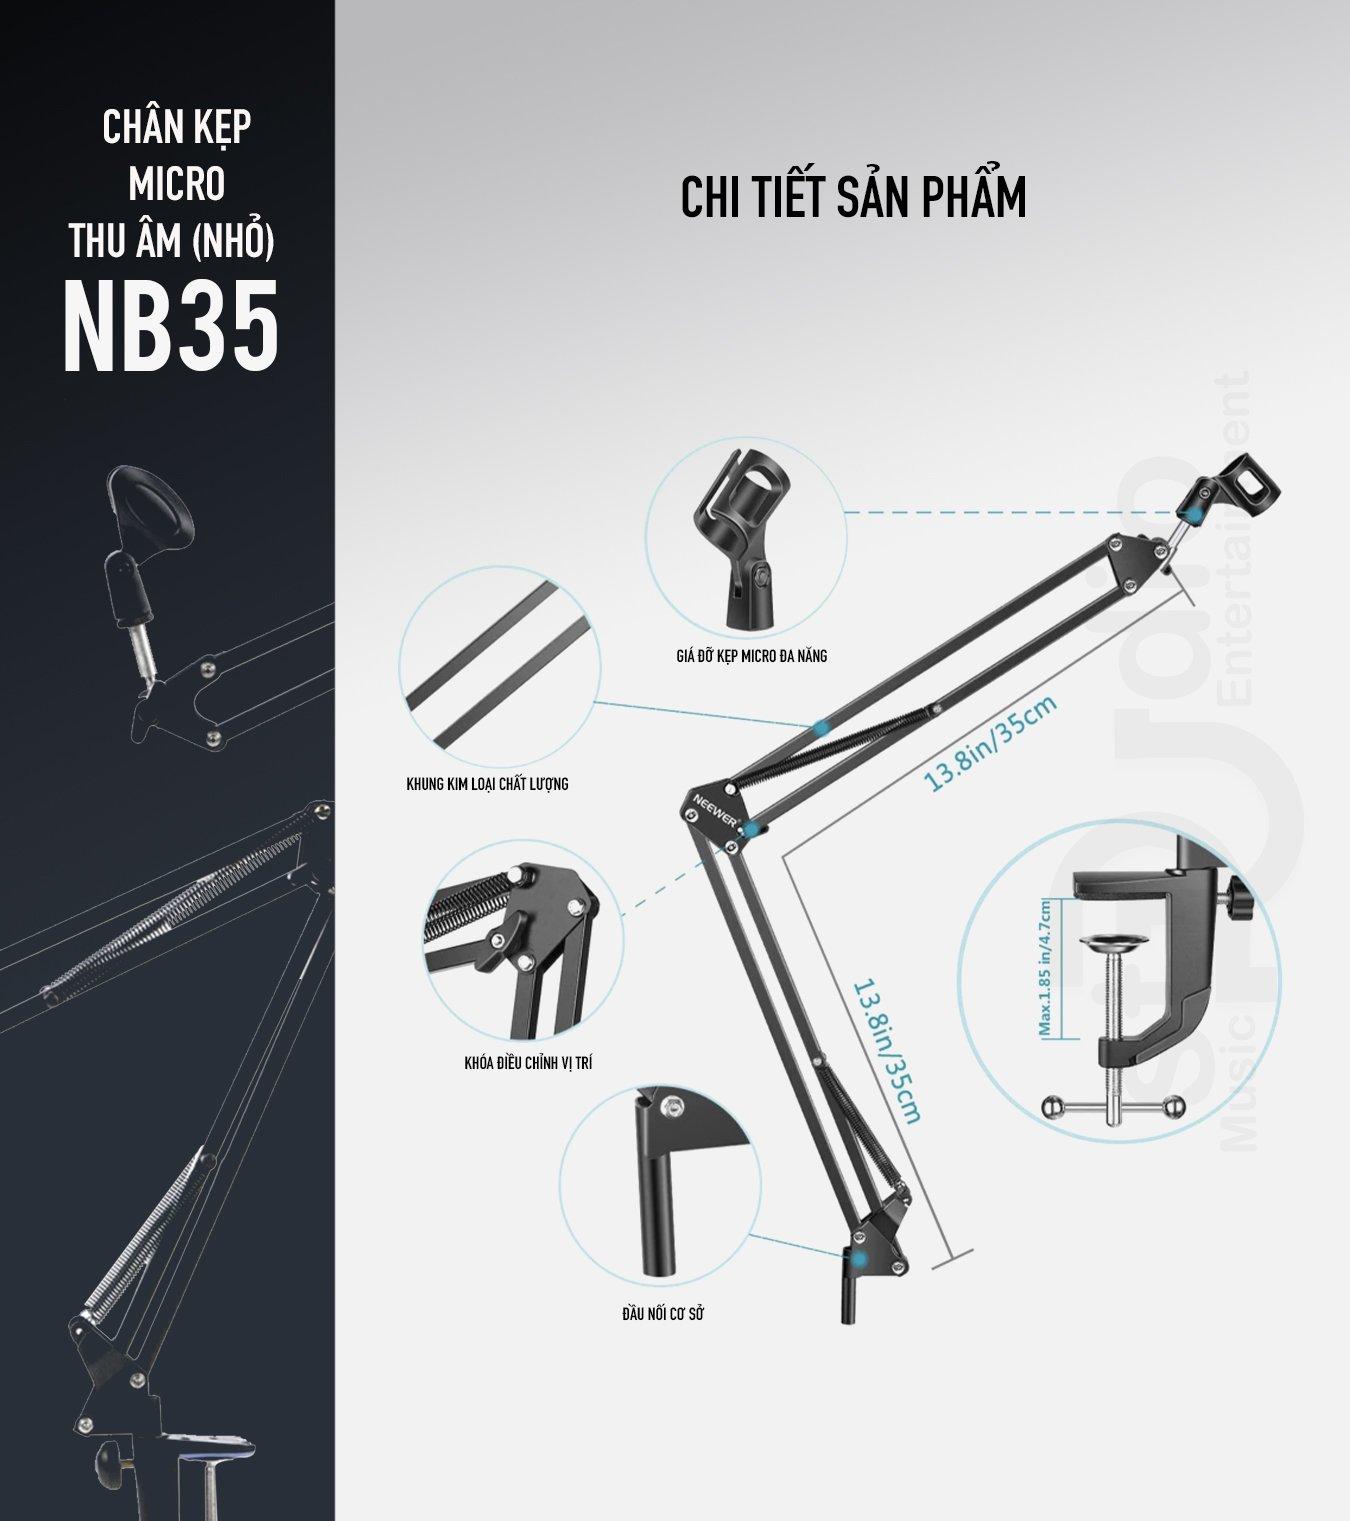 Chân Microphone NB-35 (nhỏ) -Chân Micro kẹp bàn, giá đỡ Micro